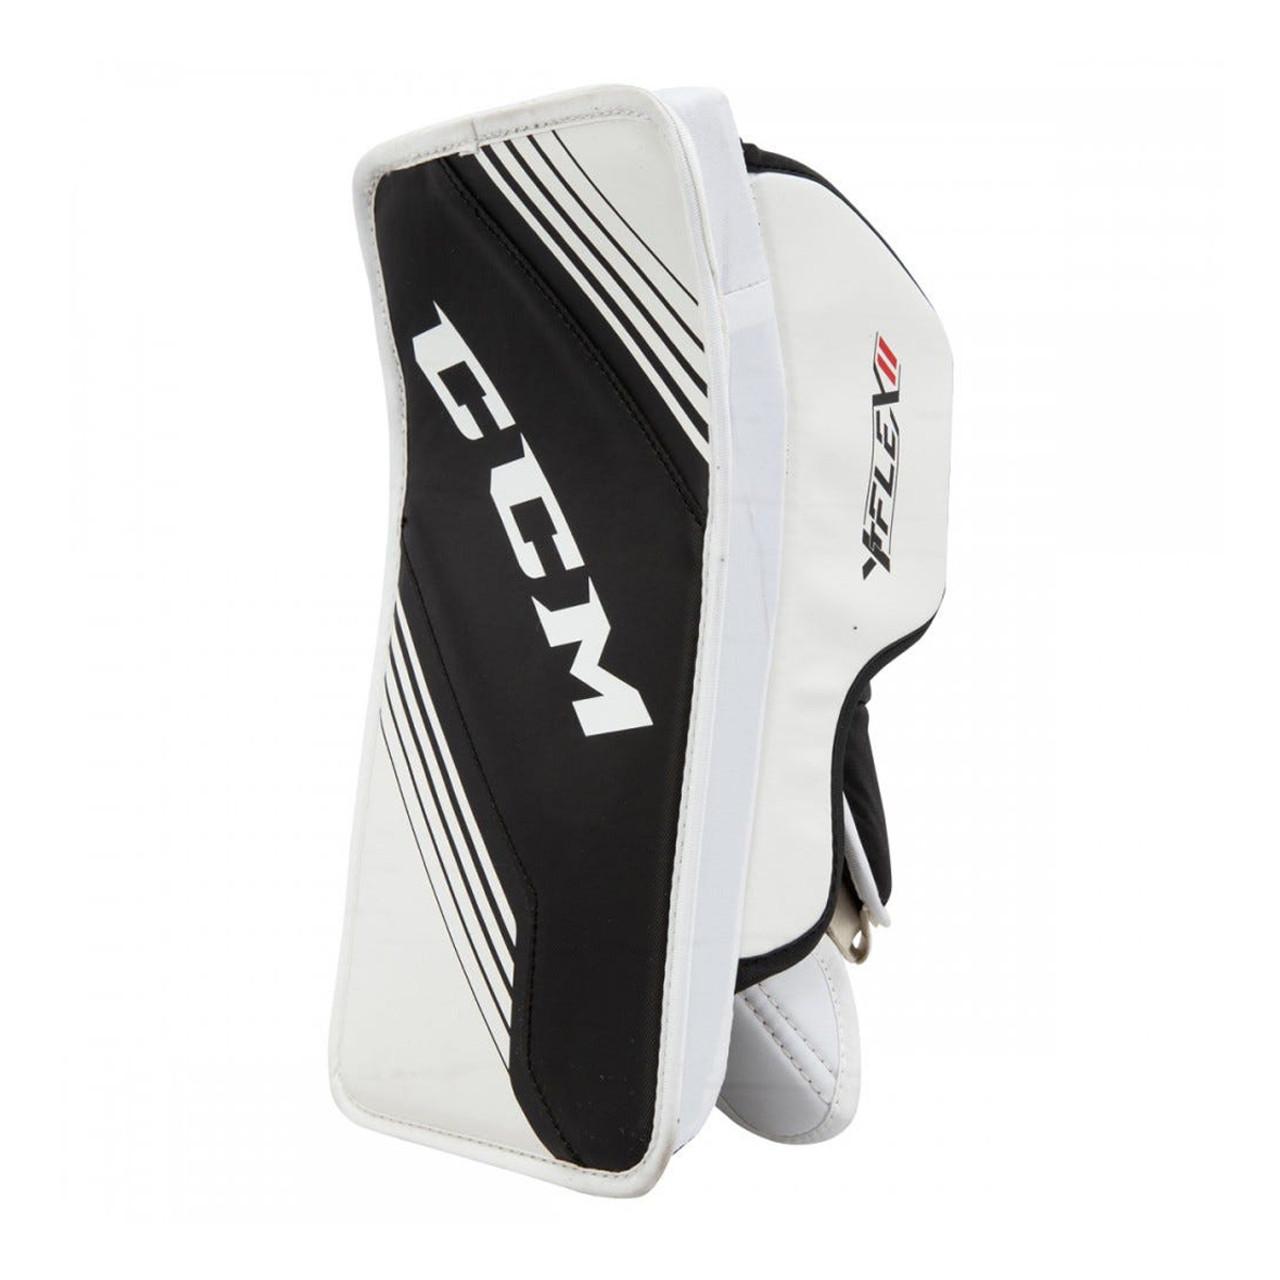 Ccm Ytflex 2 Youth Hockey Goalie Blocker White Black